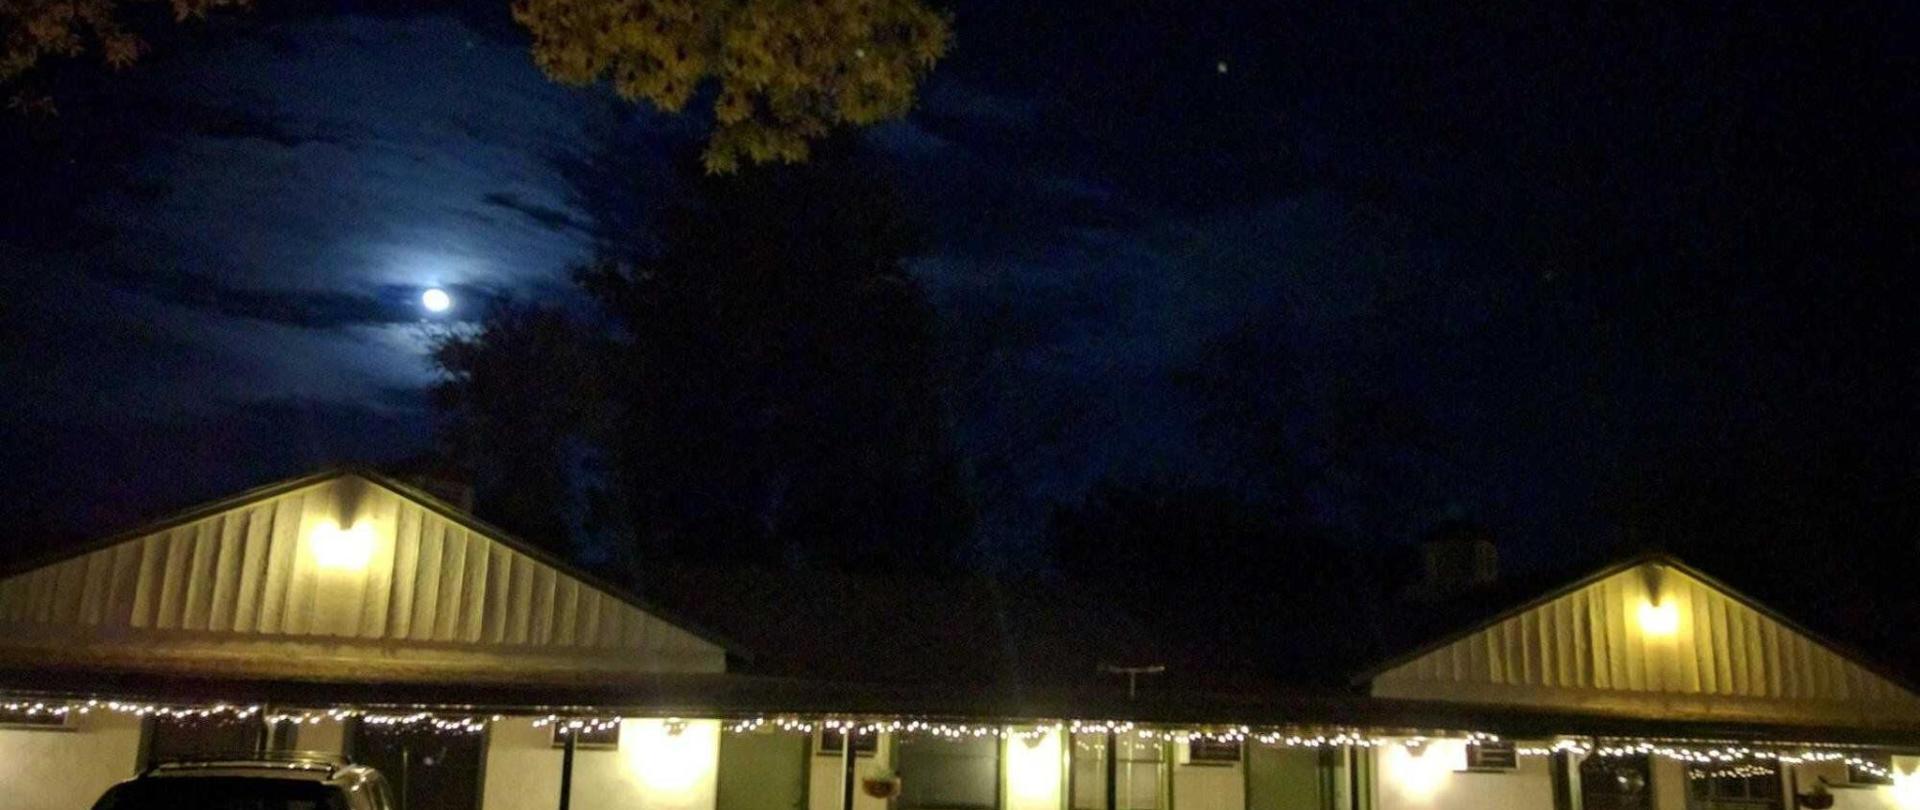 trees-moon-2.jpg